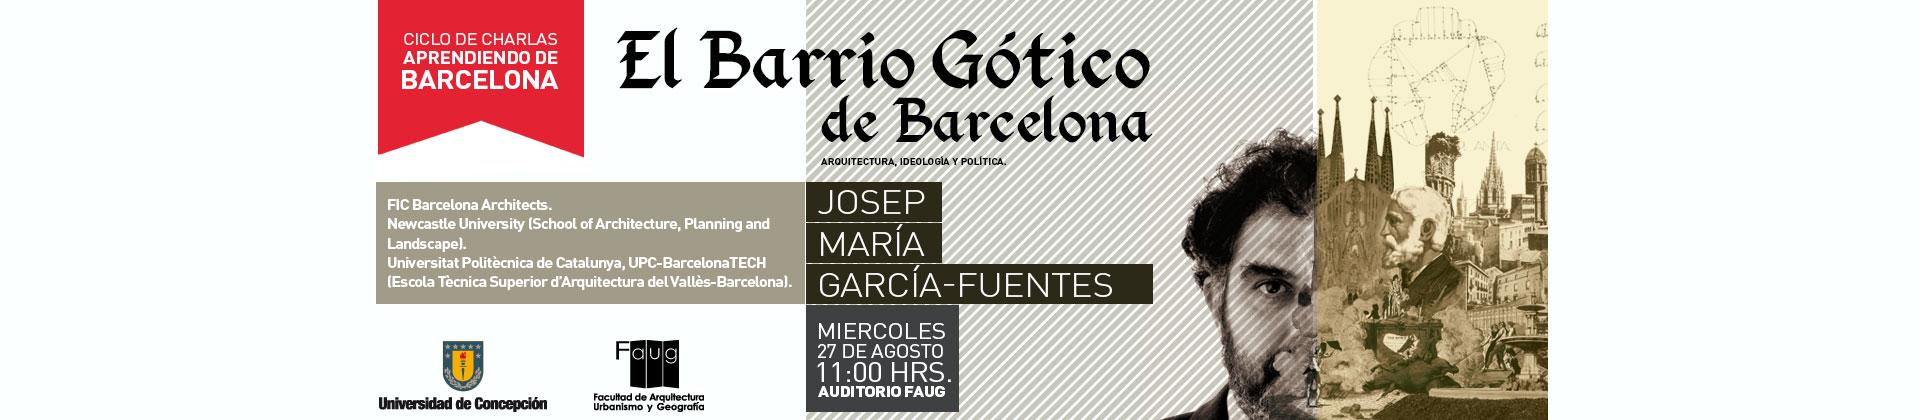 el-barrio-gotico-de-barcelona